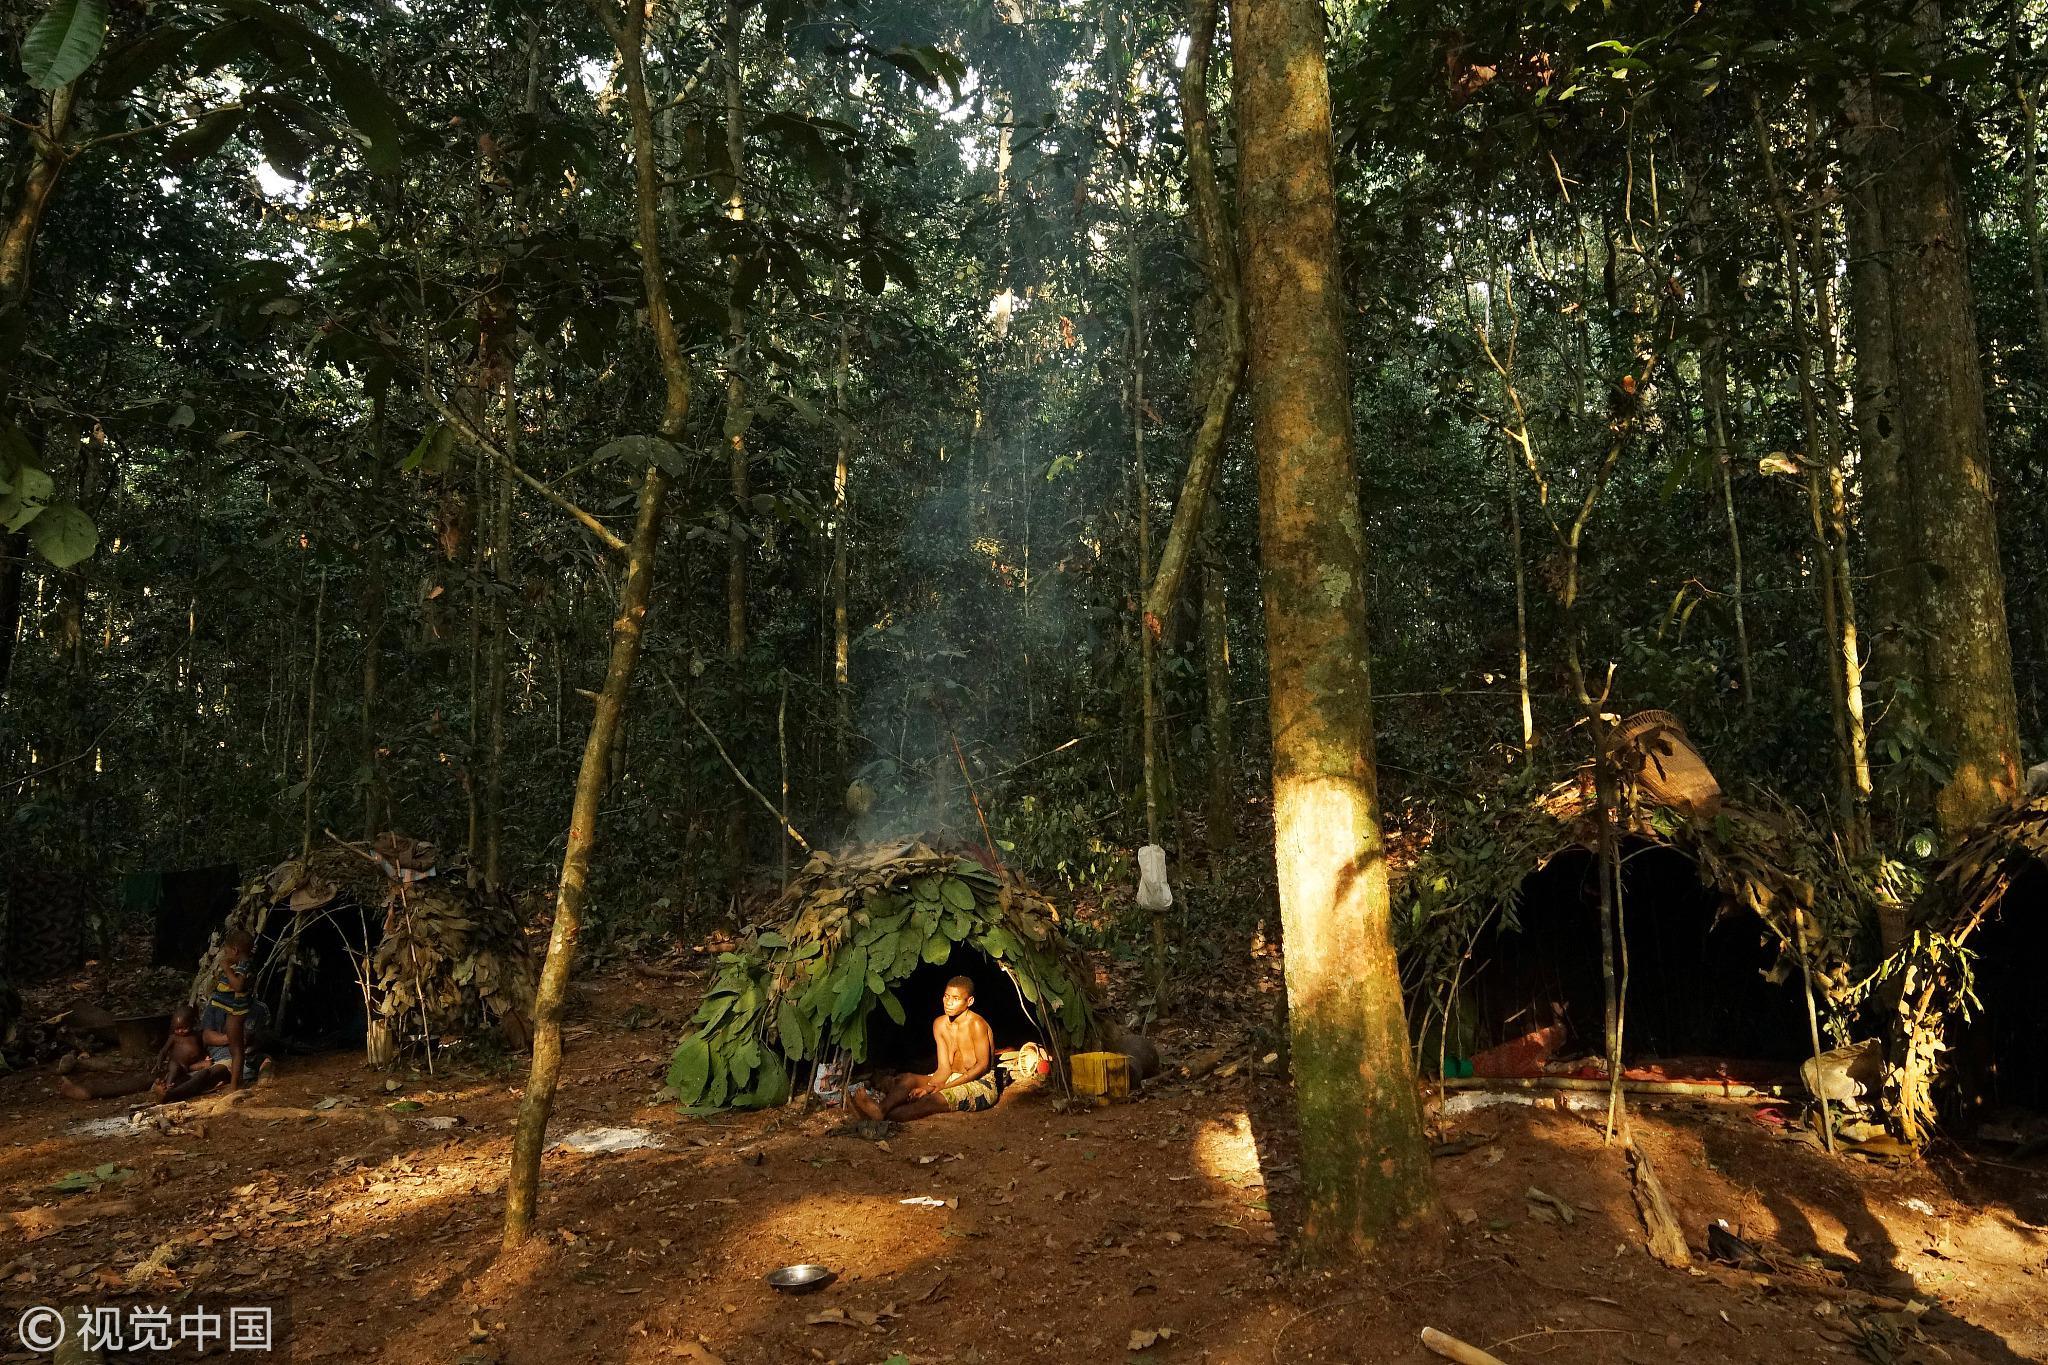 中非共和国森林中的狩猎采集部落。他们虽然游离在主流社会之外,大多数人口规模也在150人左右 / 视觉中国